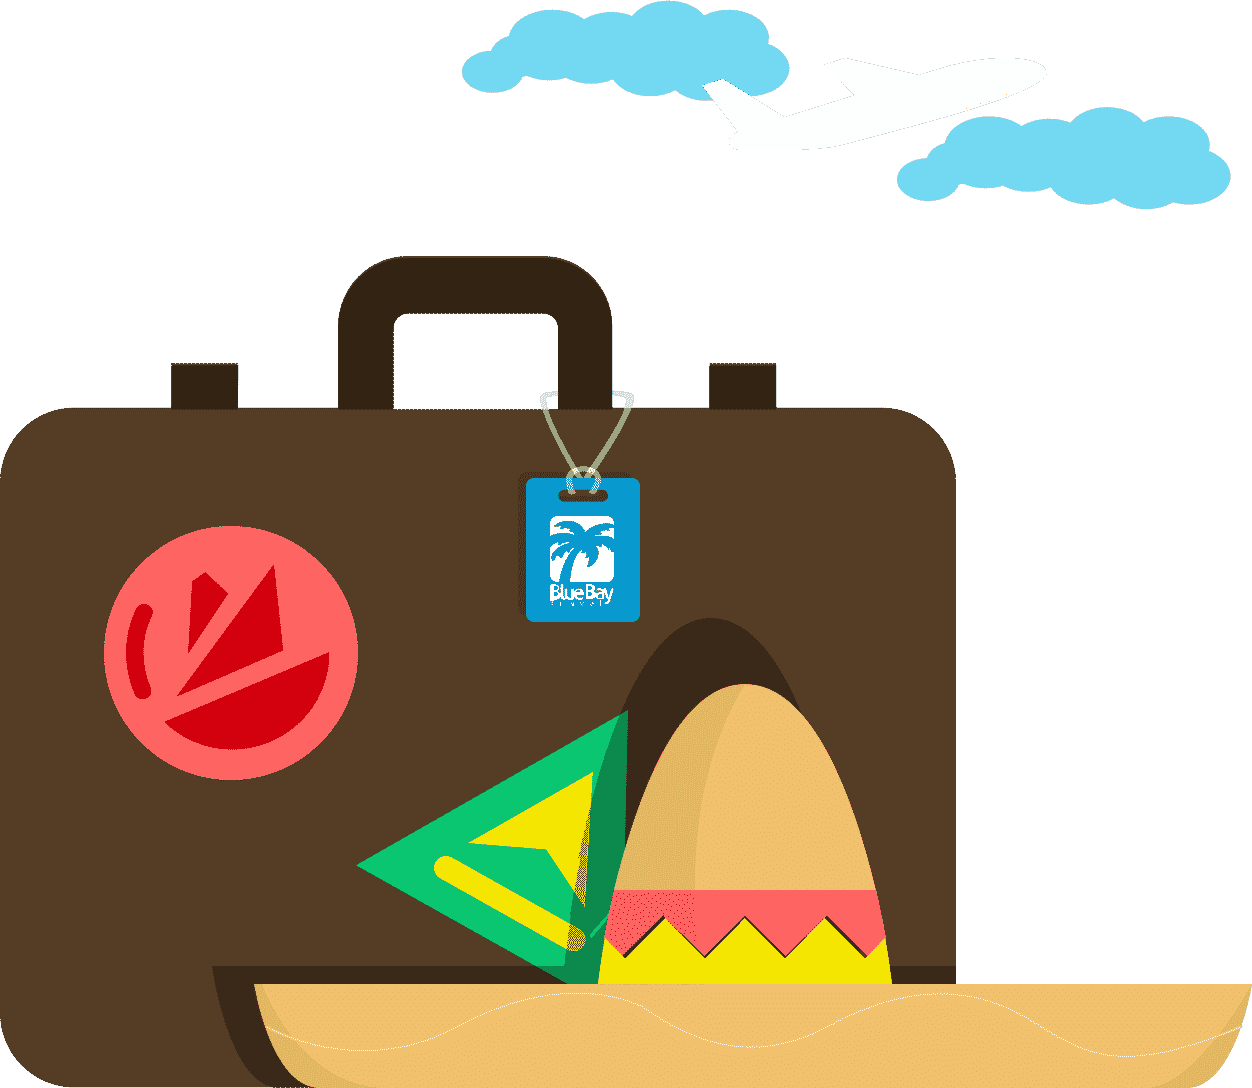 Suitcase and sombrero